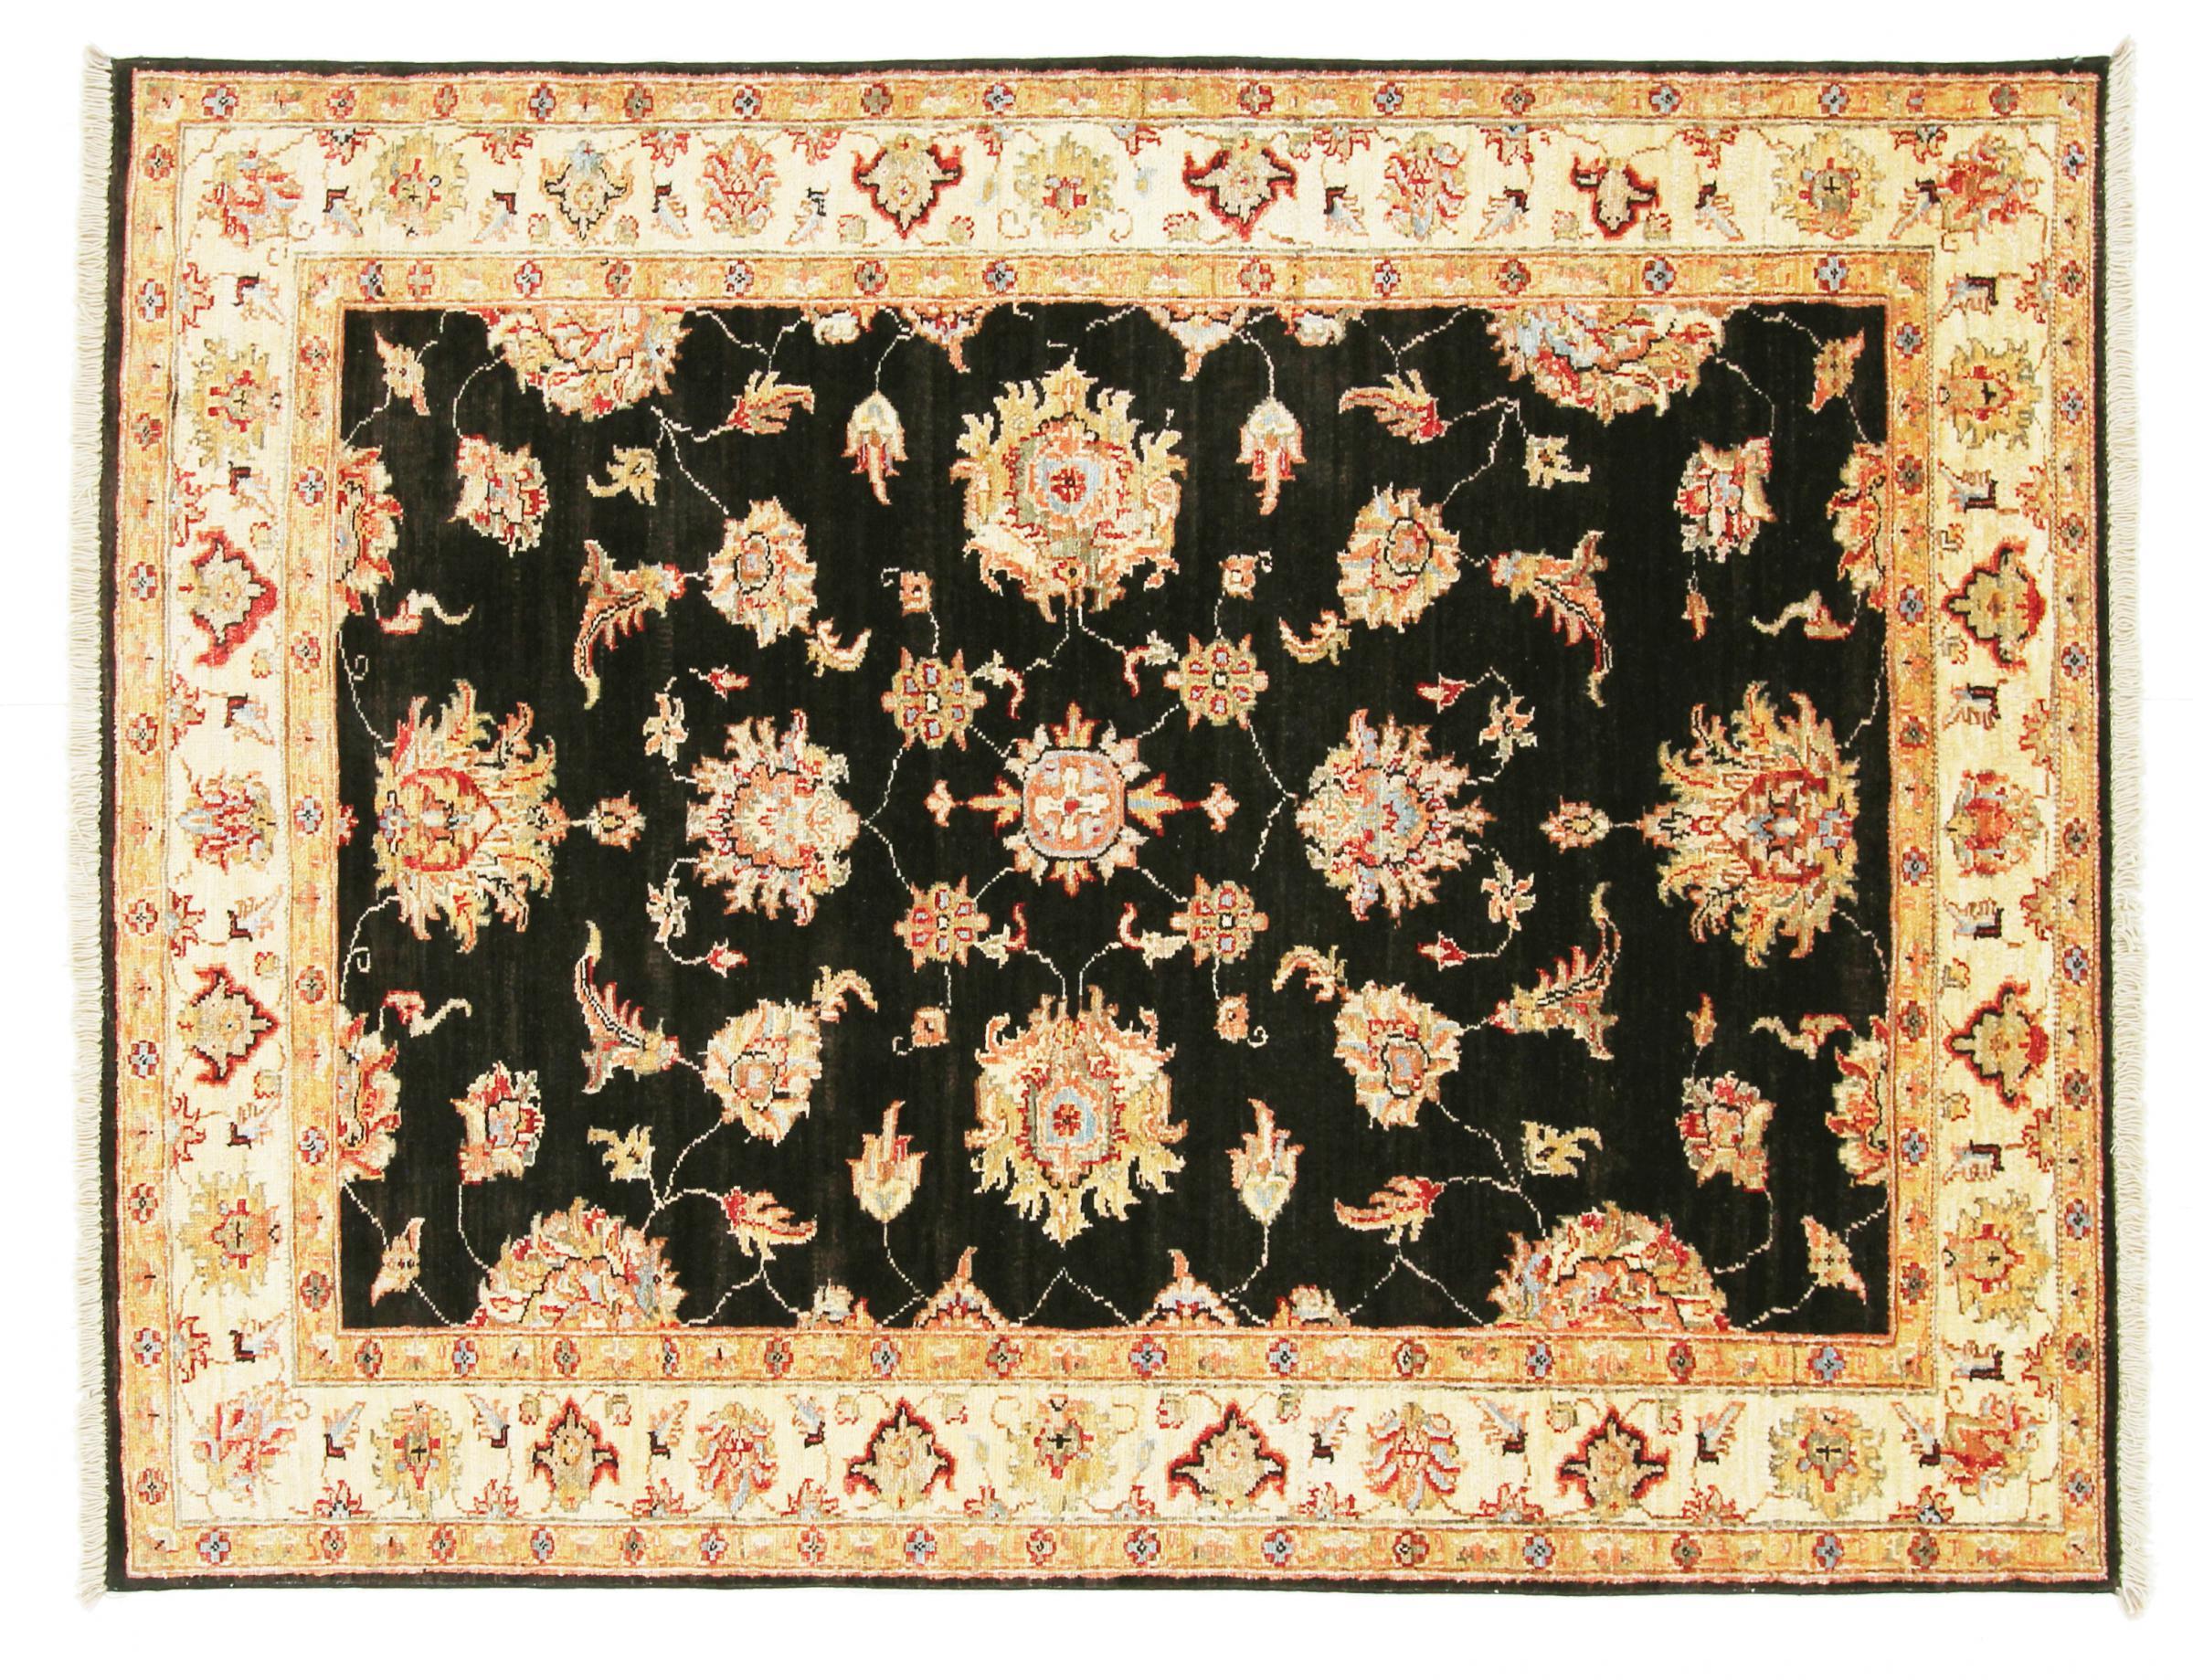 ziegler farahan pakistanischer teppich 163x128 id20751 kaufen sie ihren orientteppich z. Black Bedroom Furniture Sets. Home Design Ideas